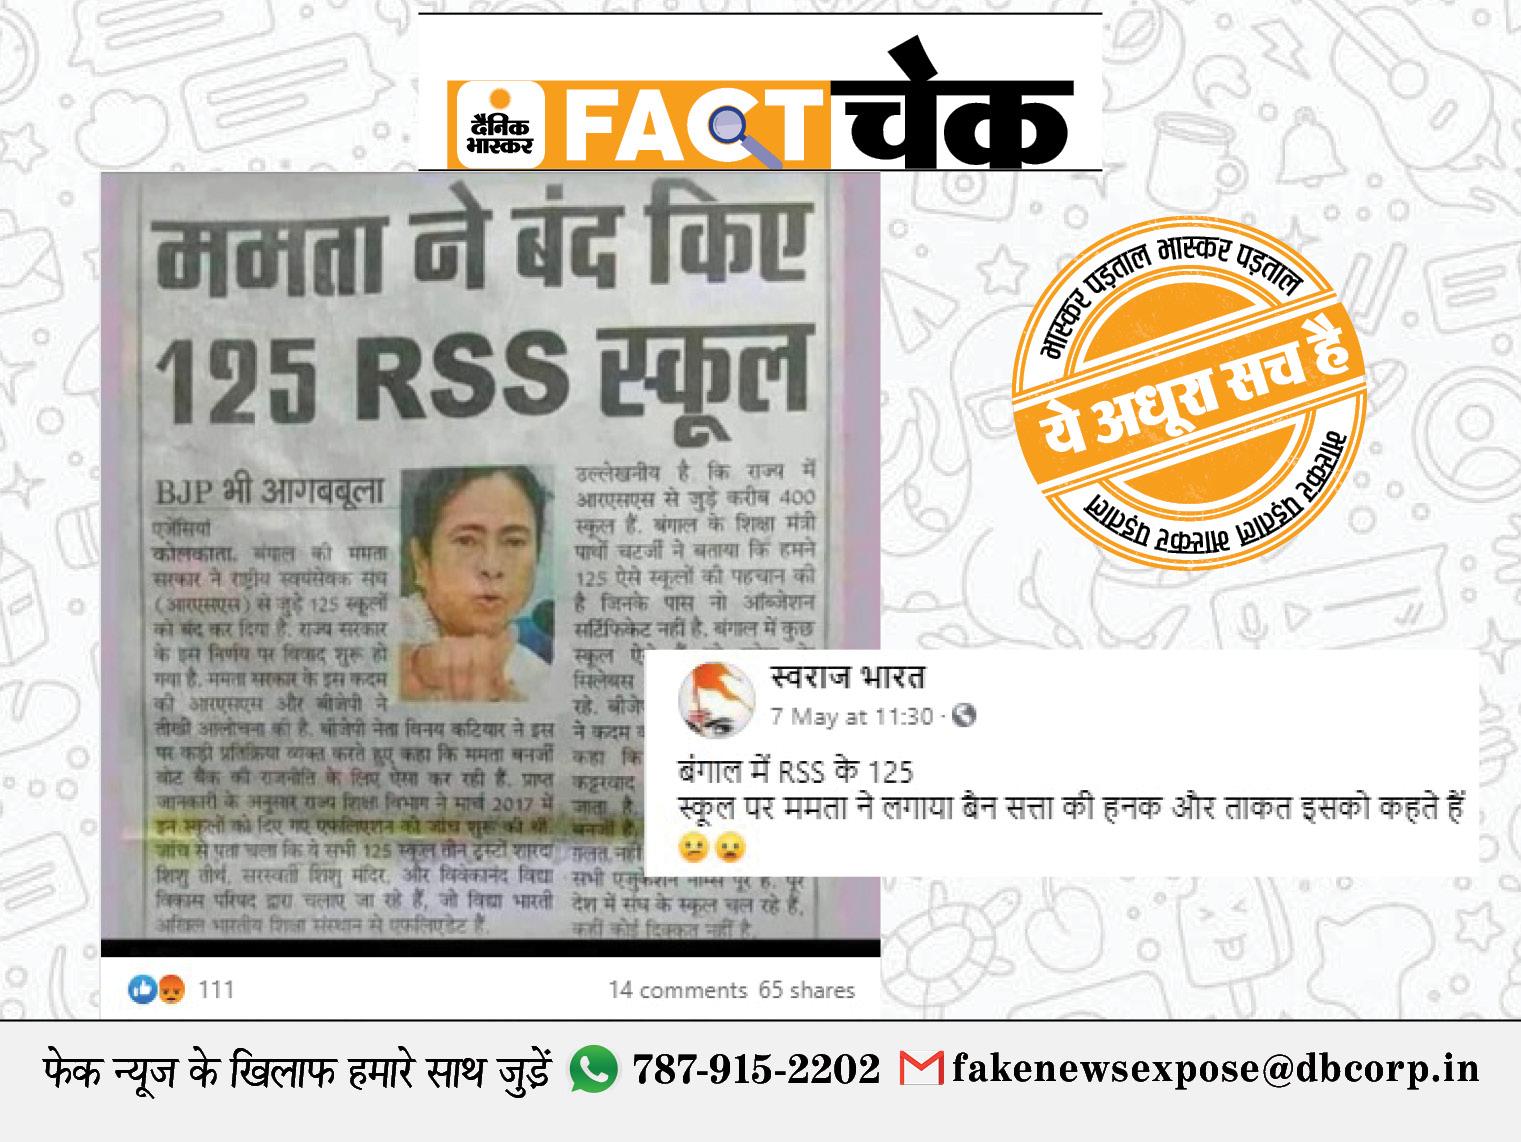 बंगाल में ममता बनर्जी ने बंद किए RSS के 125 स्कूल? जानिए इस दावे का पूरा सच|फेक न्यूज़ एक्सपोज़,Fake News Expose - Dainik Bhaskar